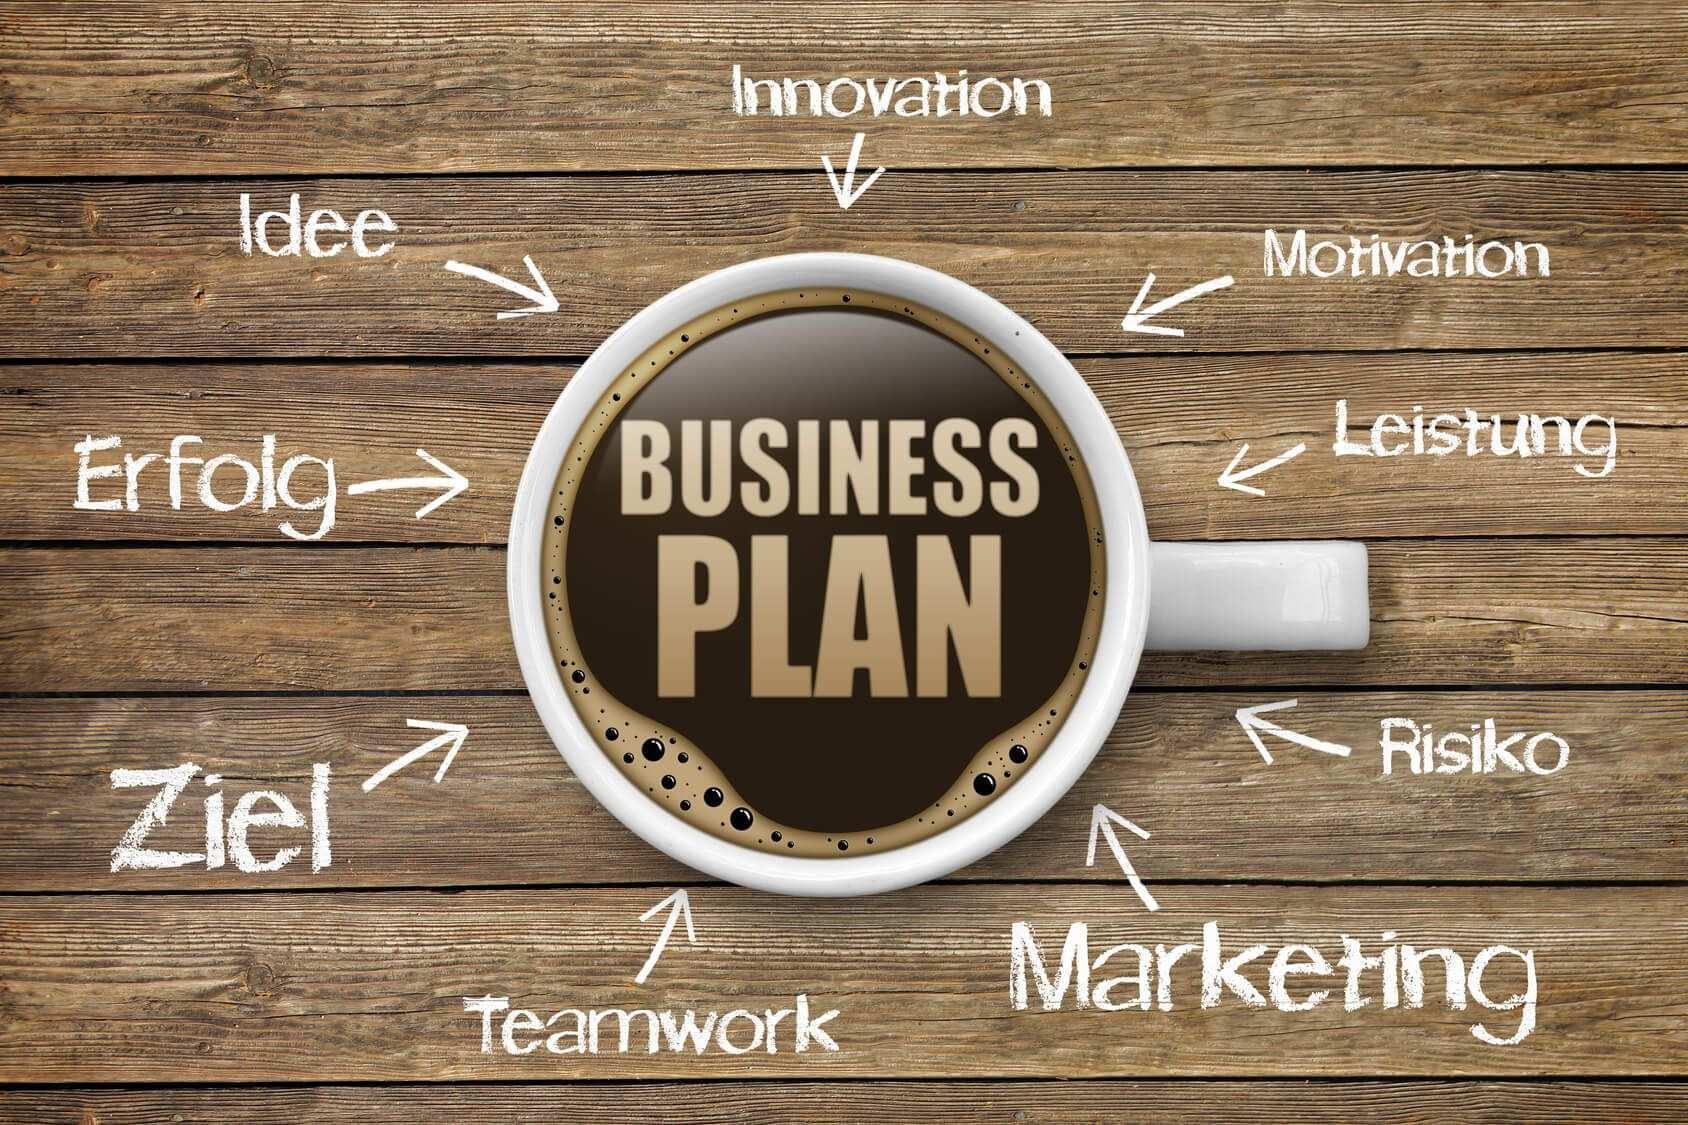 Wie Schreibe Ich Einen Businessplan Richtiggruenden Monawiezoreck Existenzgrundung Businessplan Geschaftsplane Planer